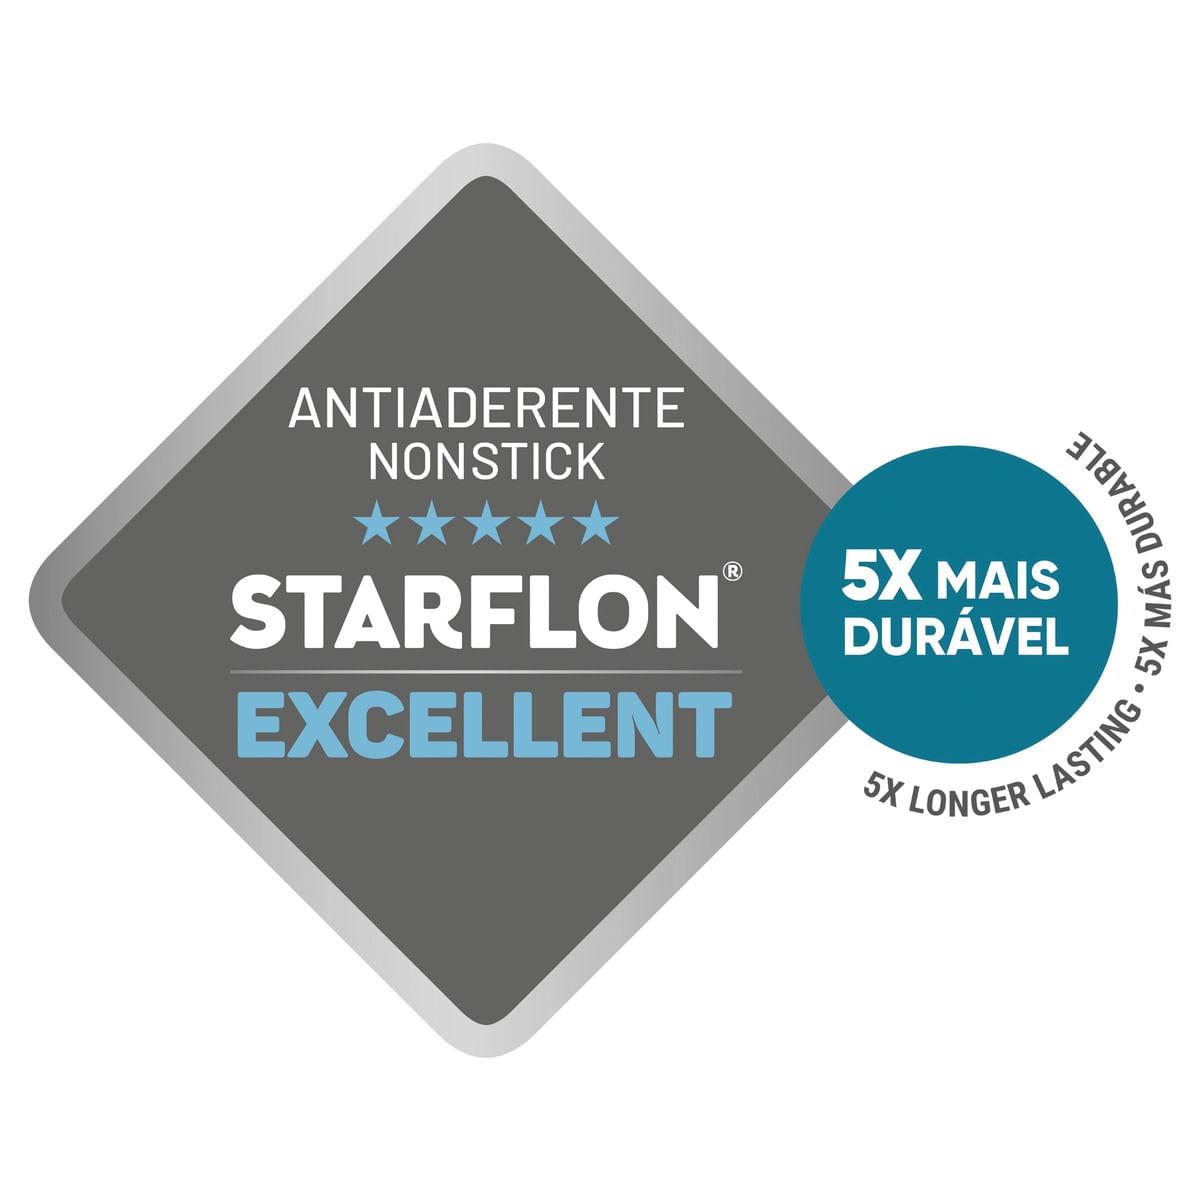 Jogo de Panelas Tramontina Sicília 5 Peças Vermelho em Alumínio Antiaderente Starflon Excellent